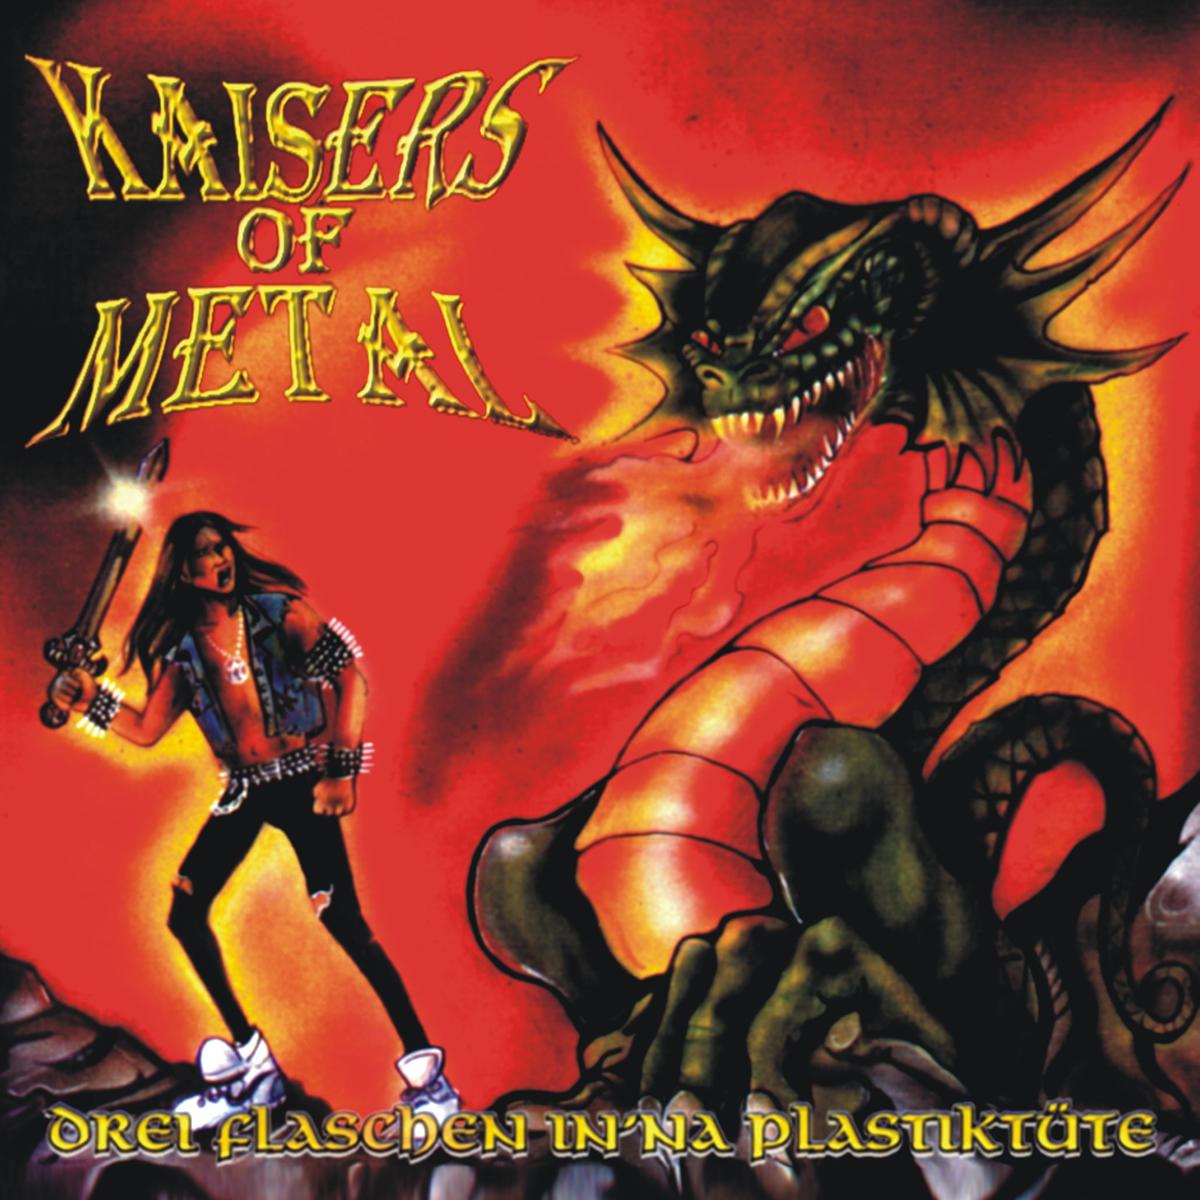 Drei Flaschen Drei Flaschen - Kaisers Of Metal CD